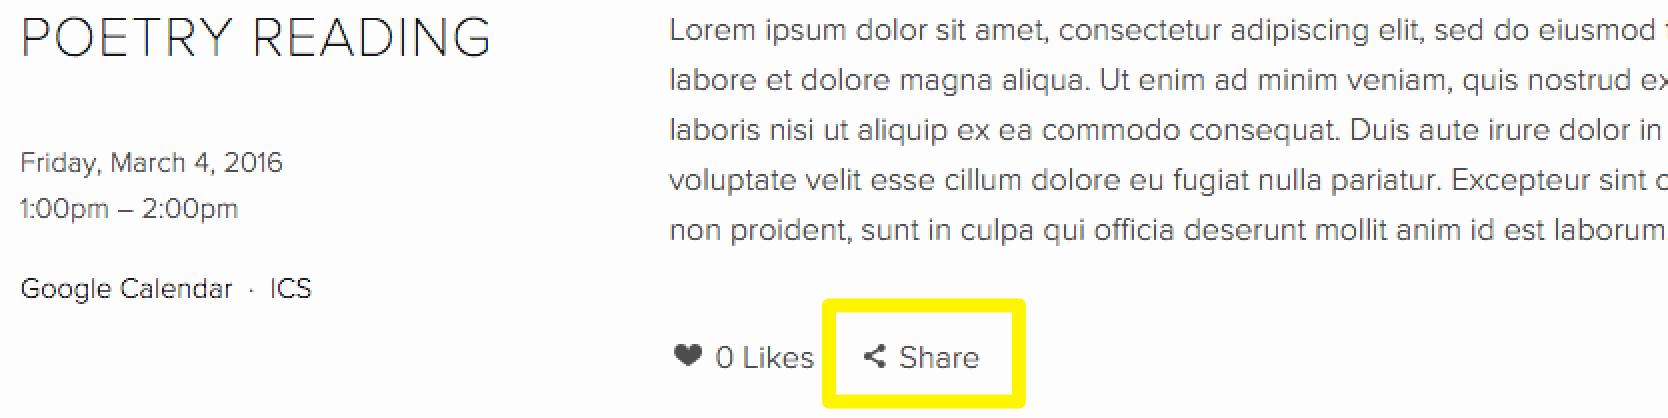 ShareLink.png